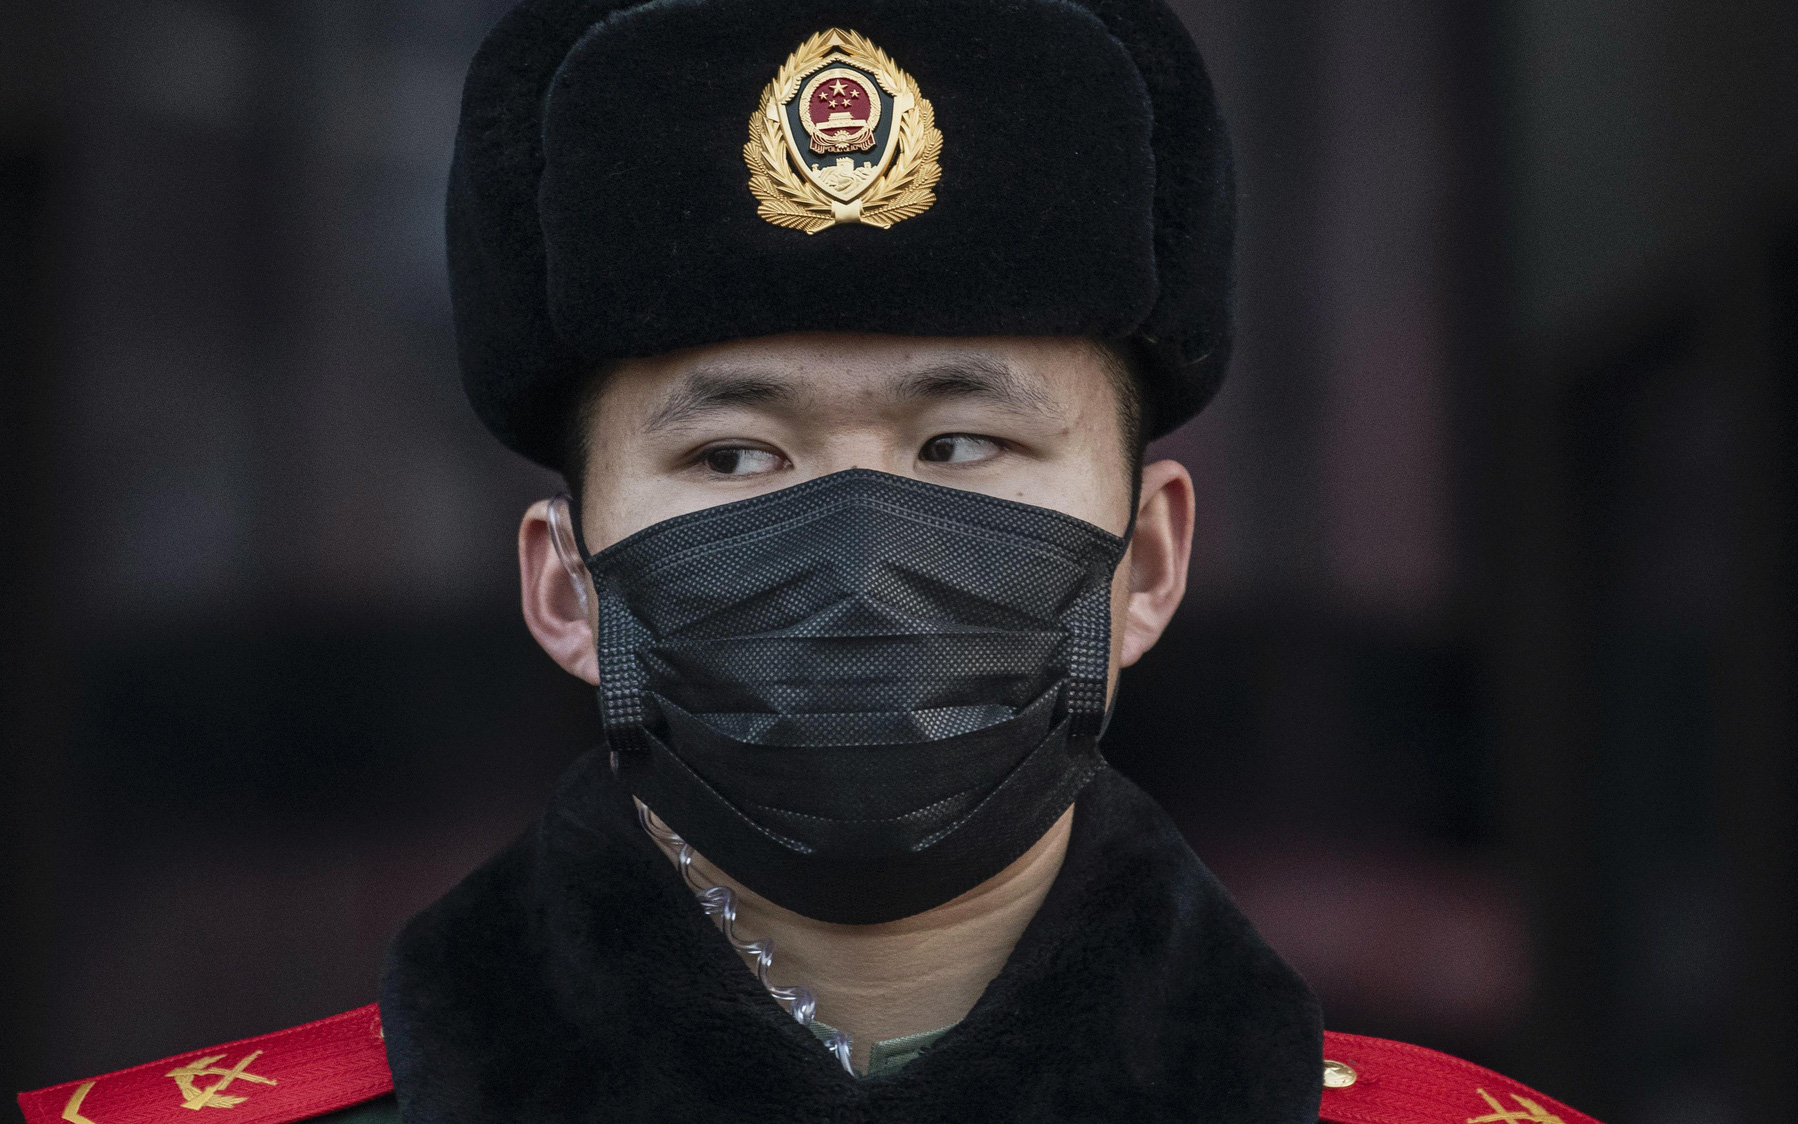 Trung Quốc ban hành các chính sách hỗ trợ thị trường quá xa, tạo ra bong bóng tài chính khổng lồ